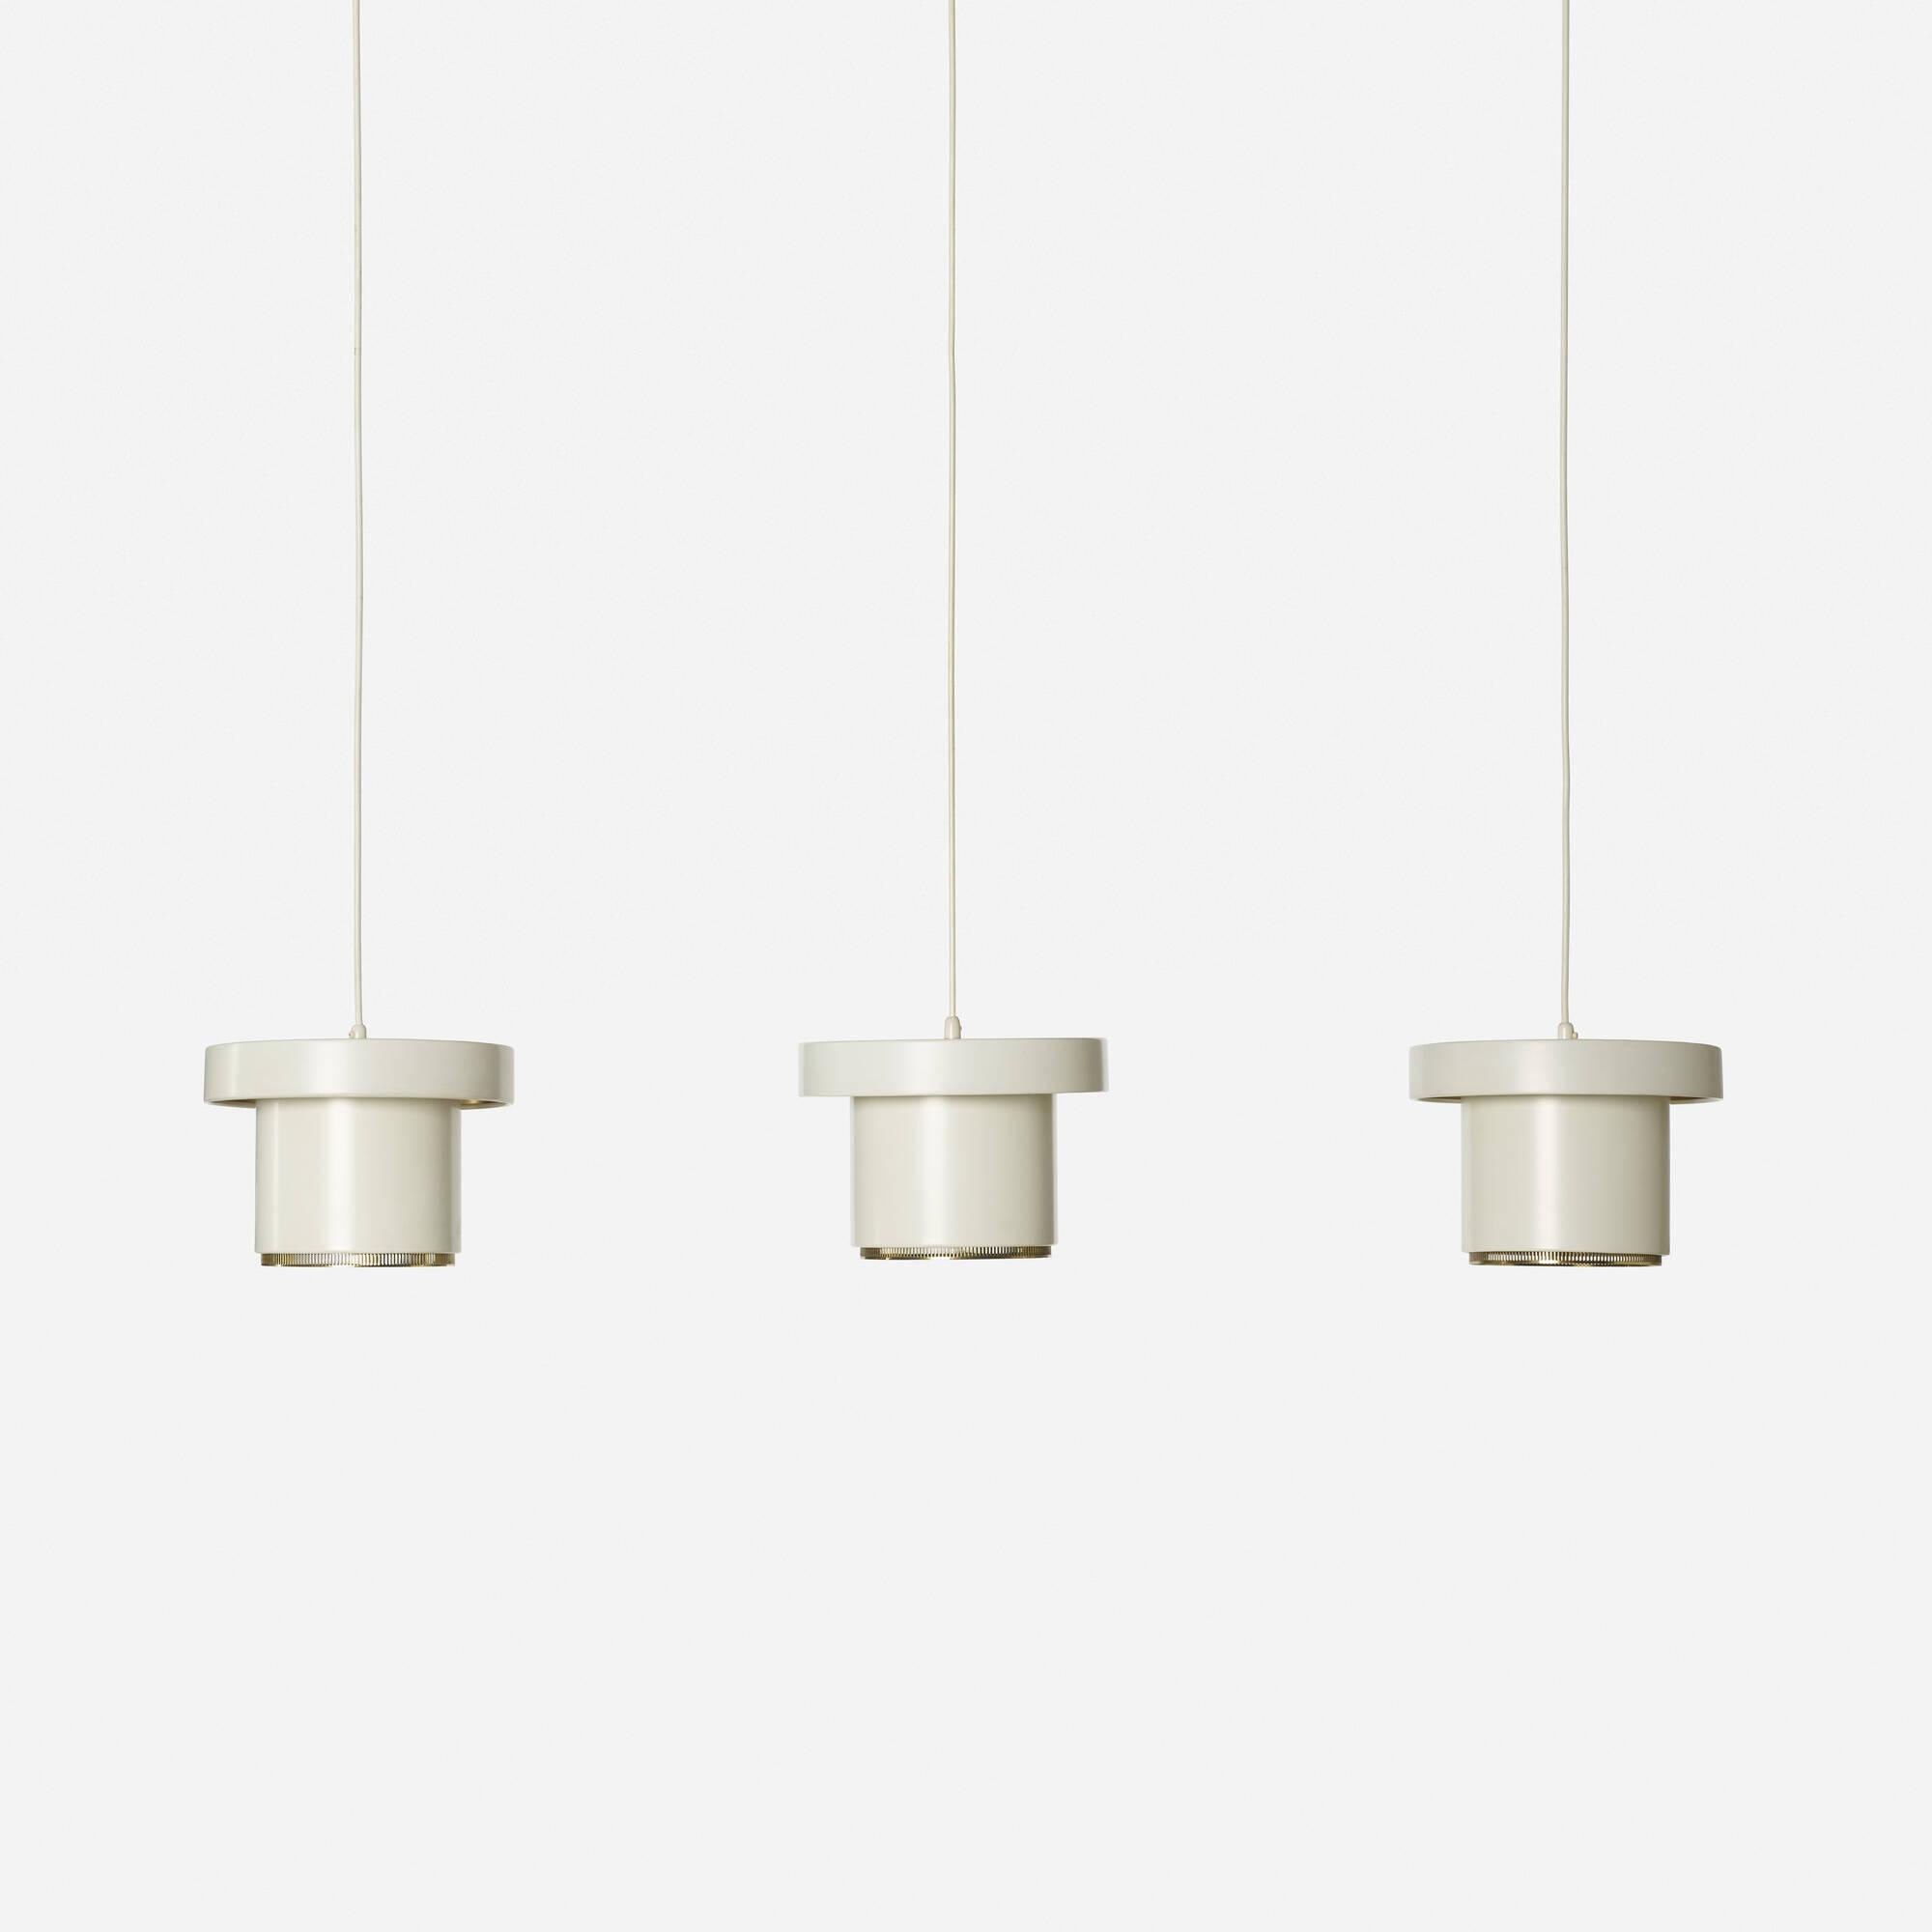 155: Alvar Aalto / pendant lamps model A 201, set of three (1 of 3)